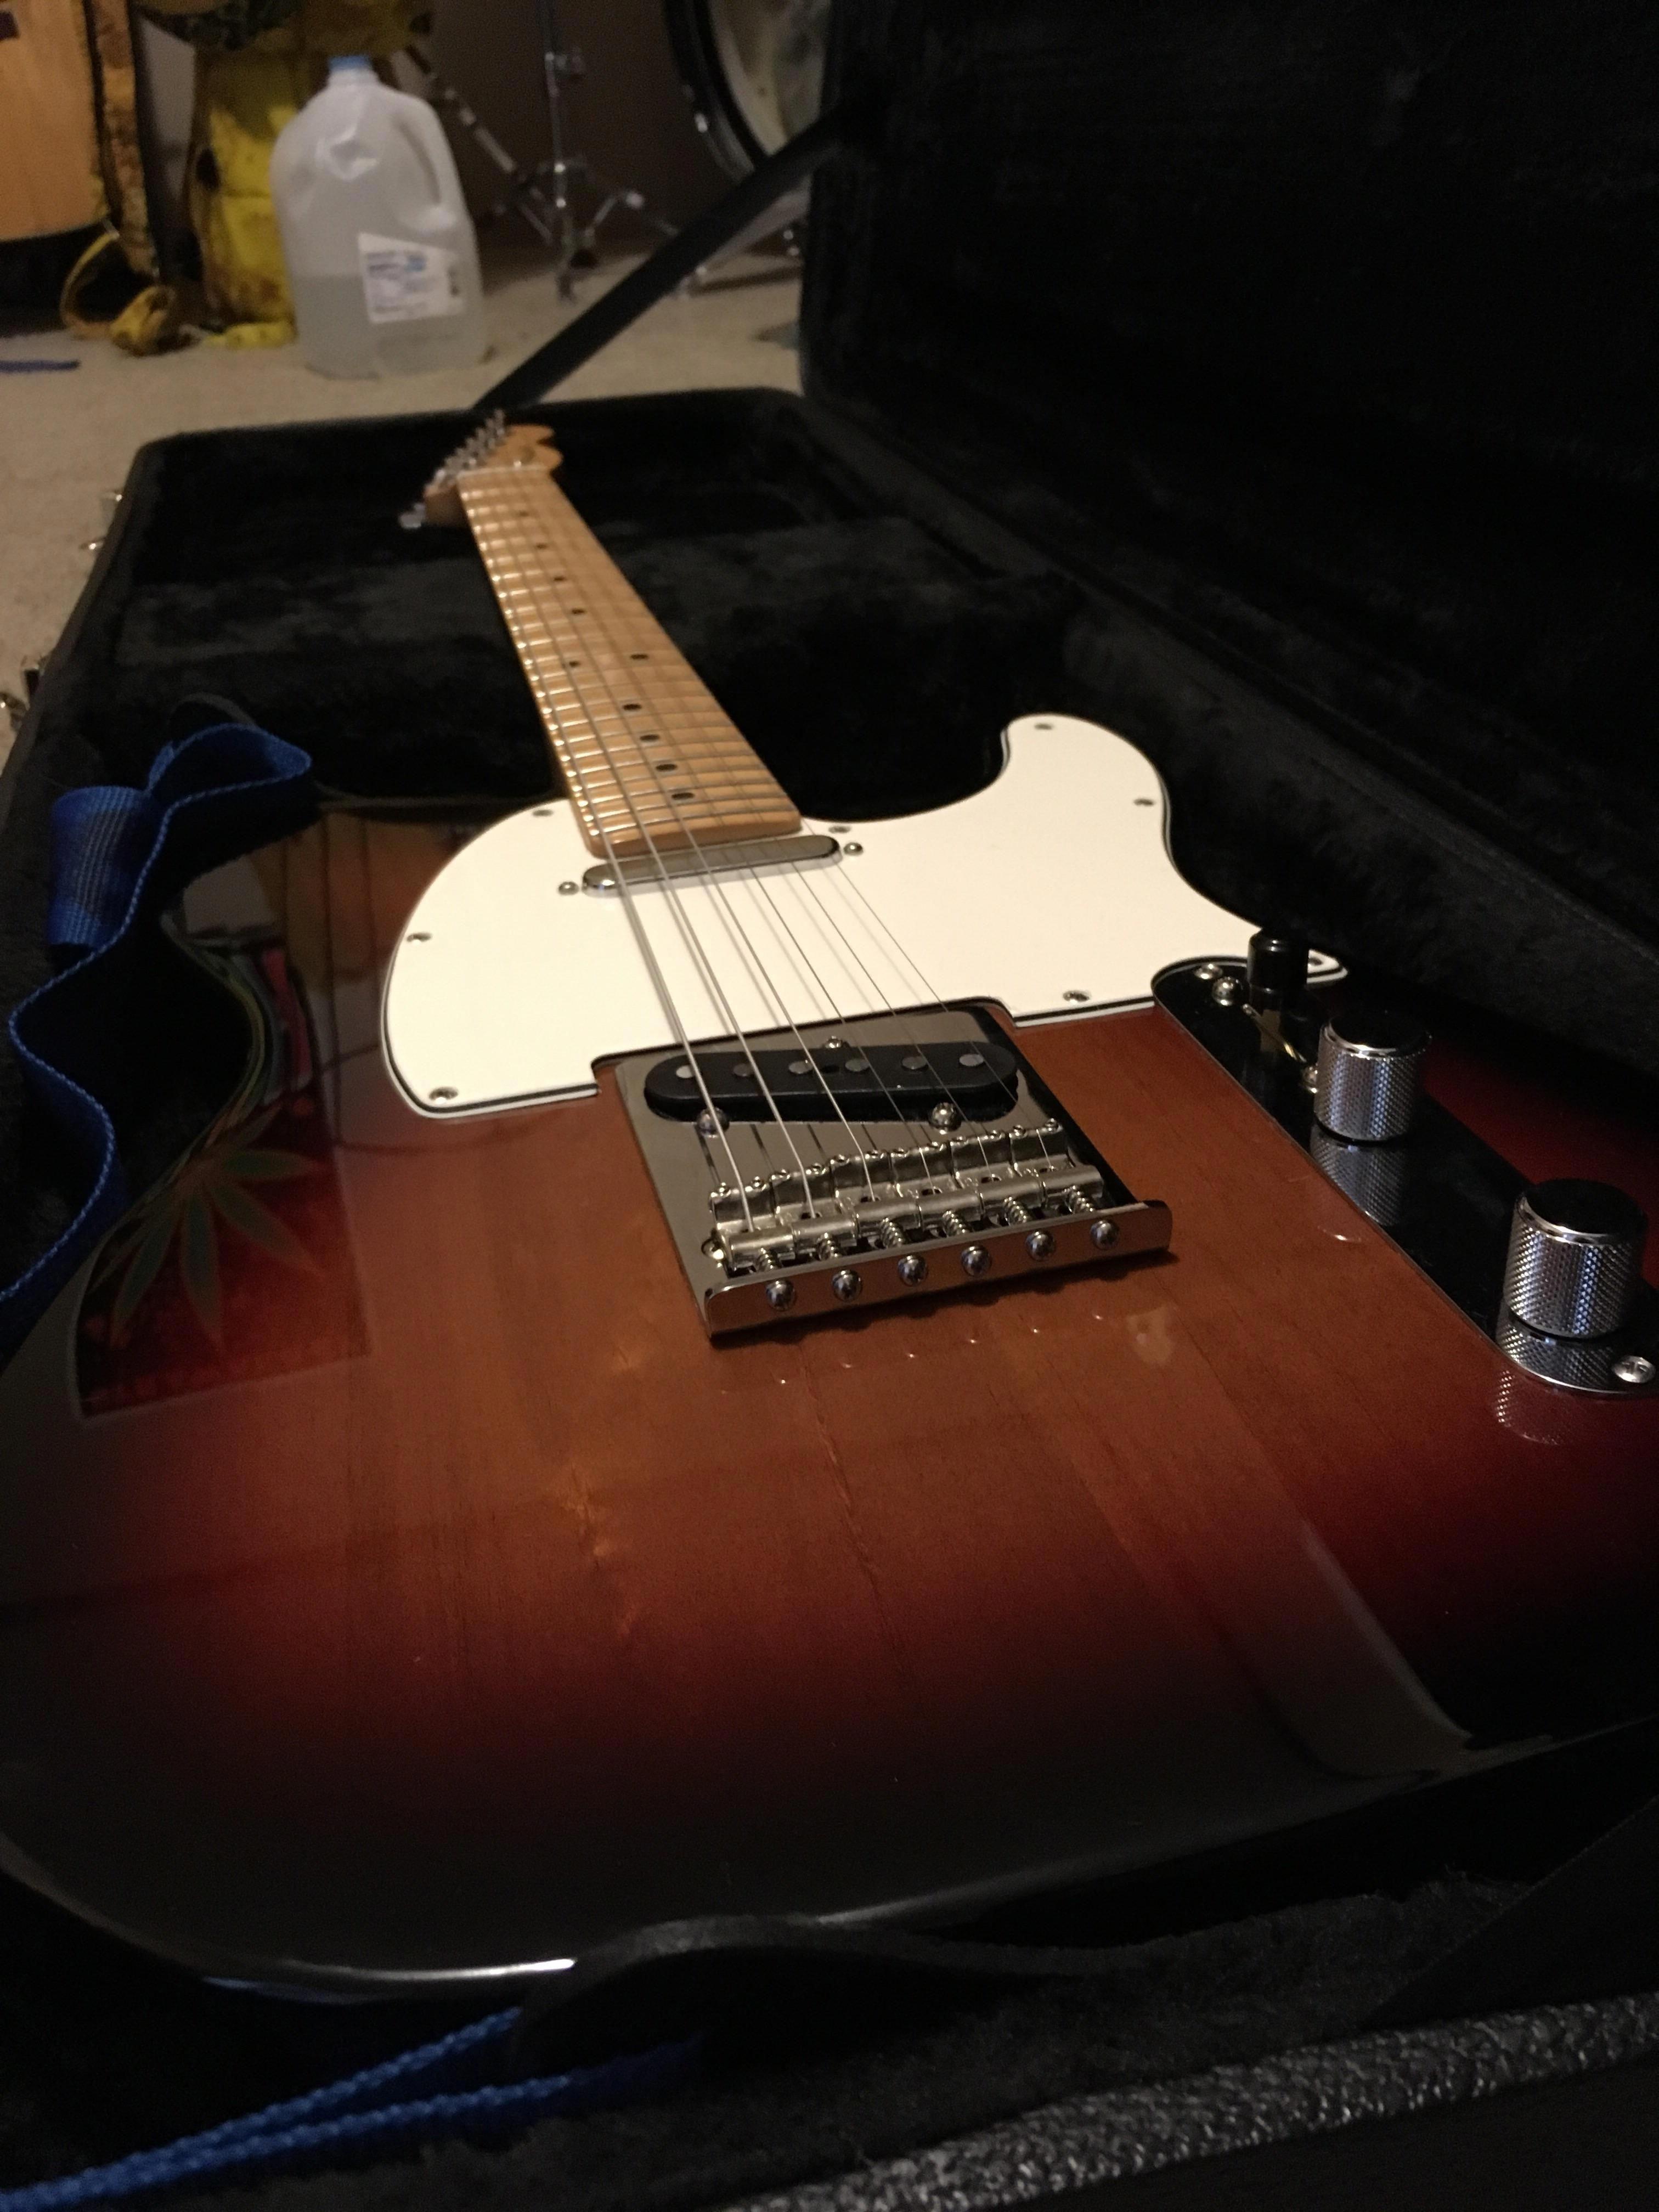 Amazing electric fender guitar #fenderguitars #electricfenderguitar #fendertelecaster Amazing electric fender guitar #fenderguitars #electricfenderguitar #fenderguitars